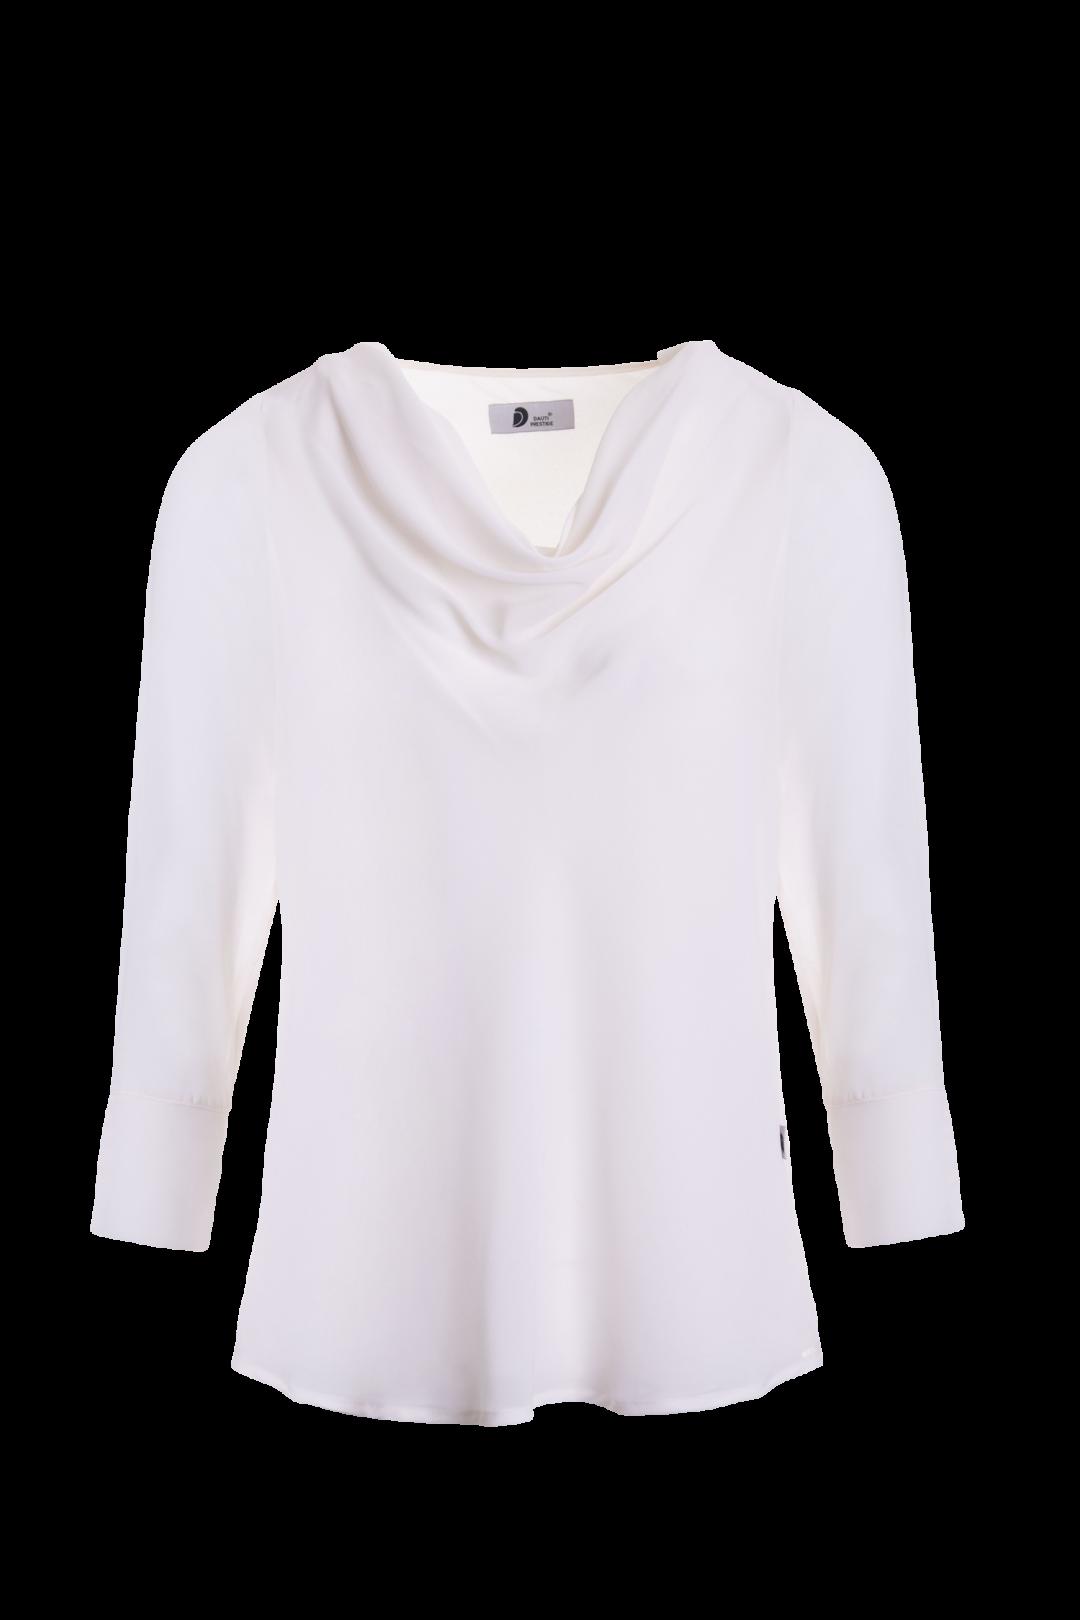 Blusa Senhora manga comprida com drapeado no peito - Àgua